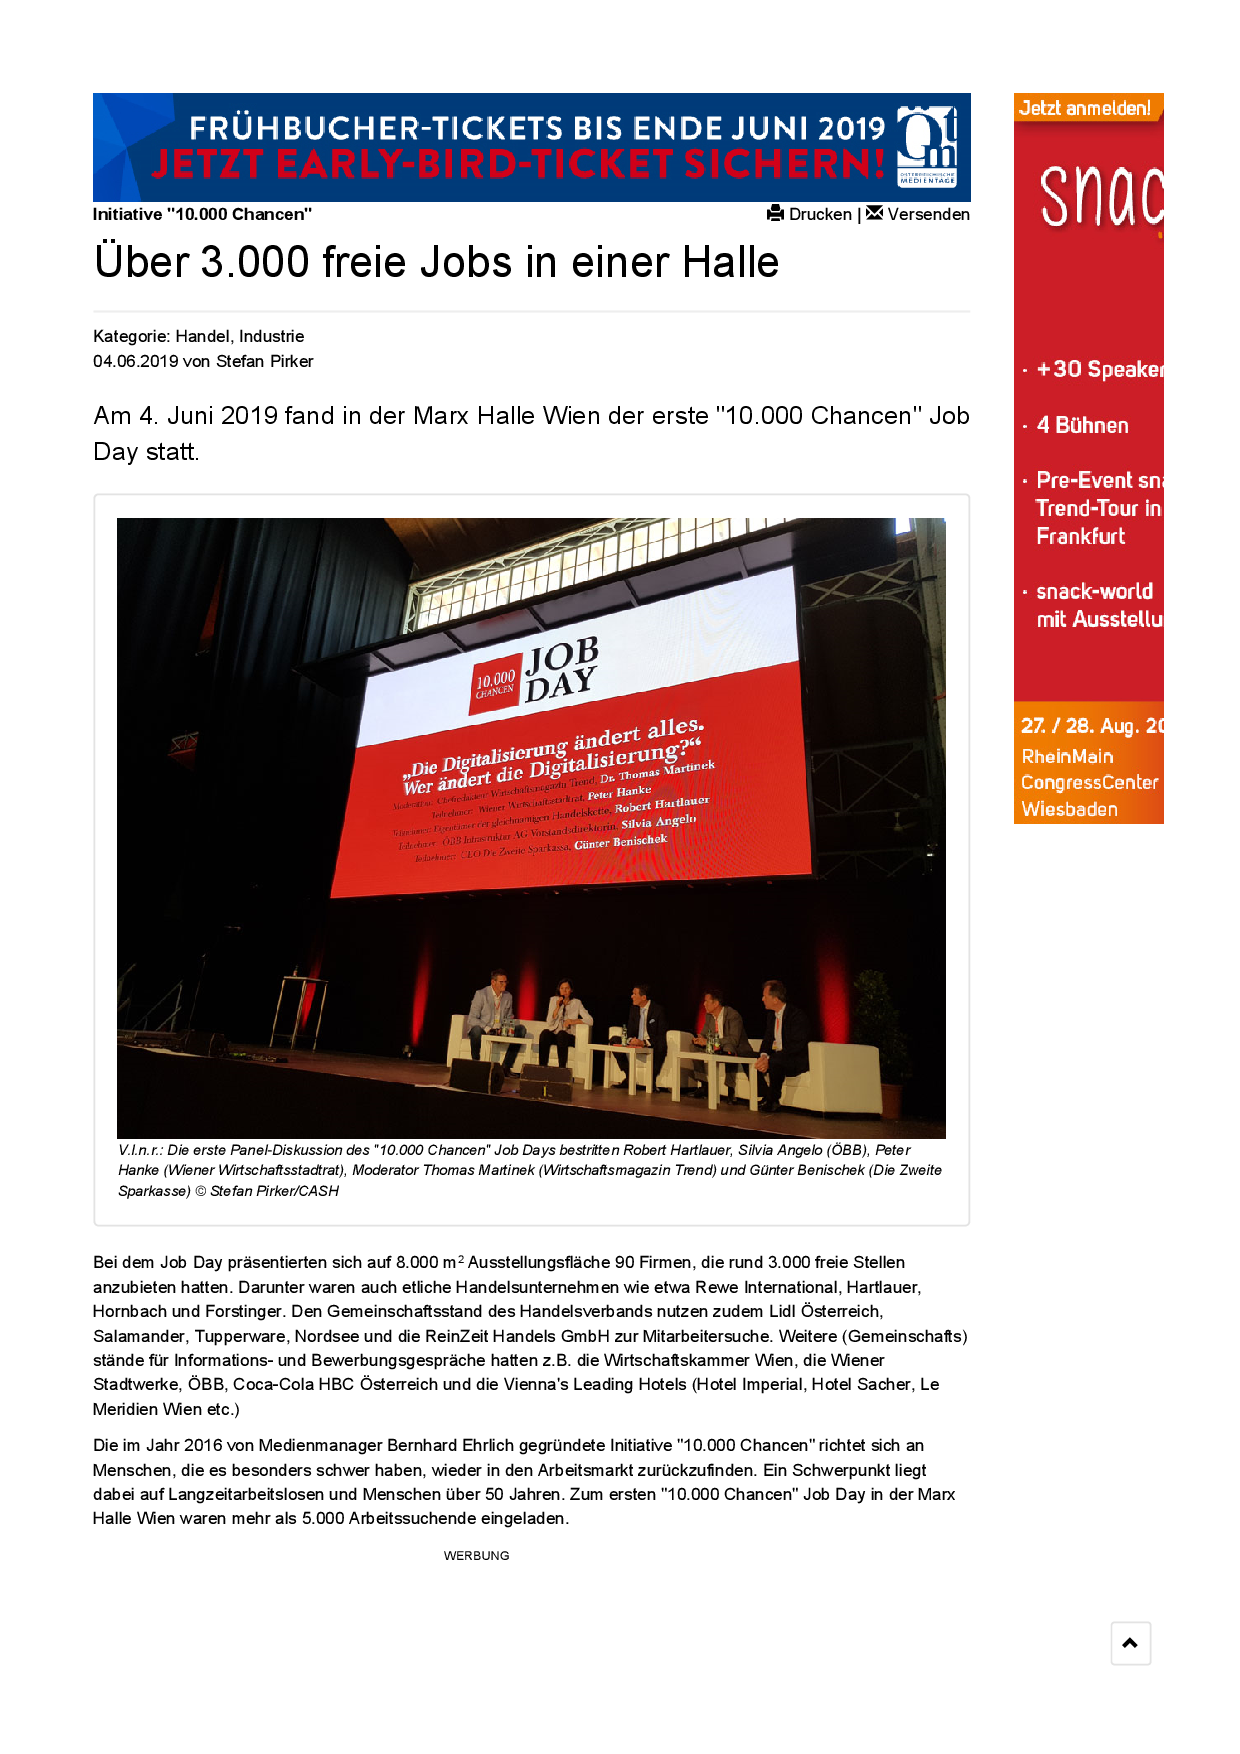 CASH Das Handelsmagazin vom 4.6.2019   https://www.cash.at/archiv/ueber-3000-freie-jobs-in-einer-halle/